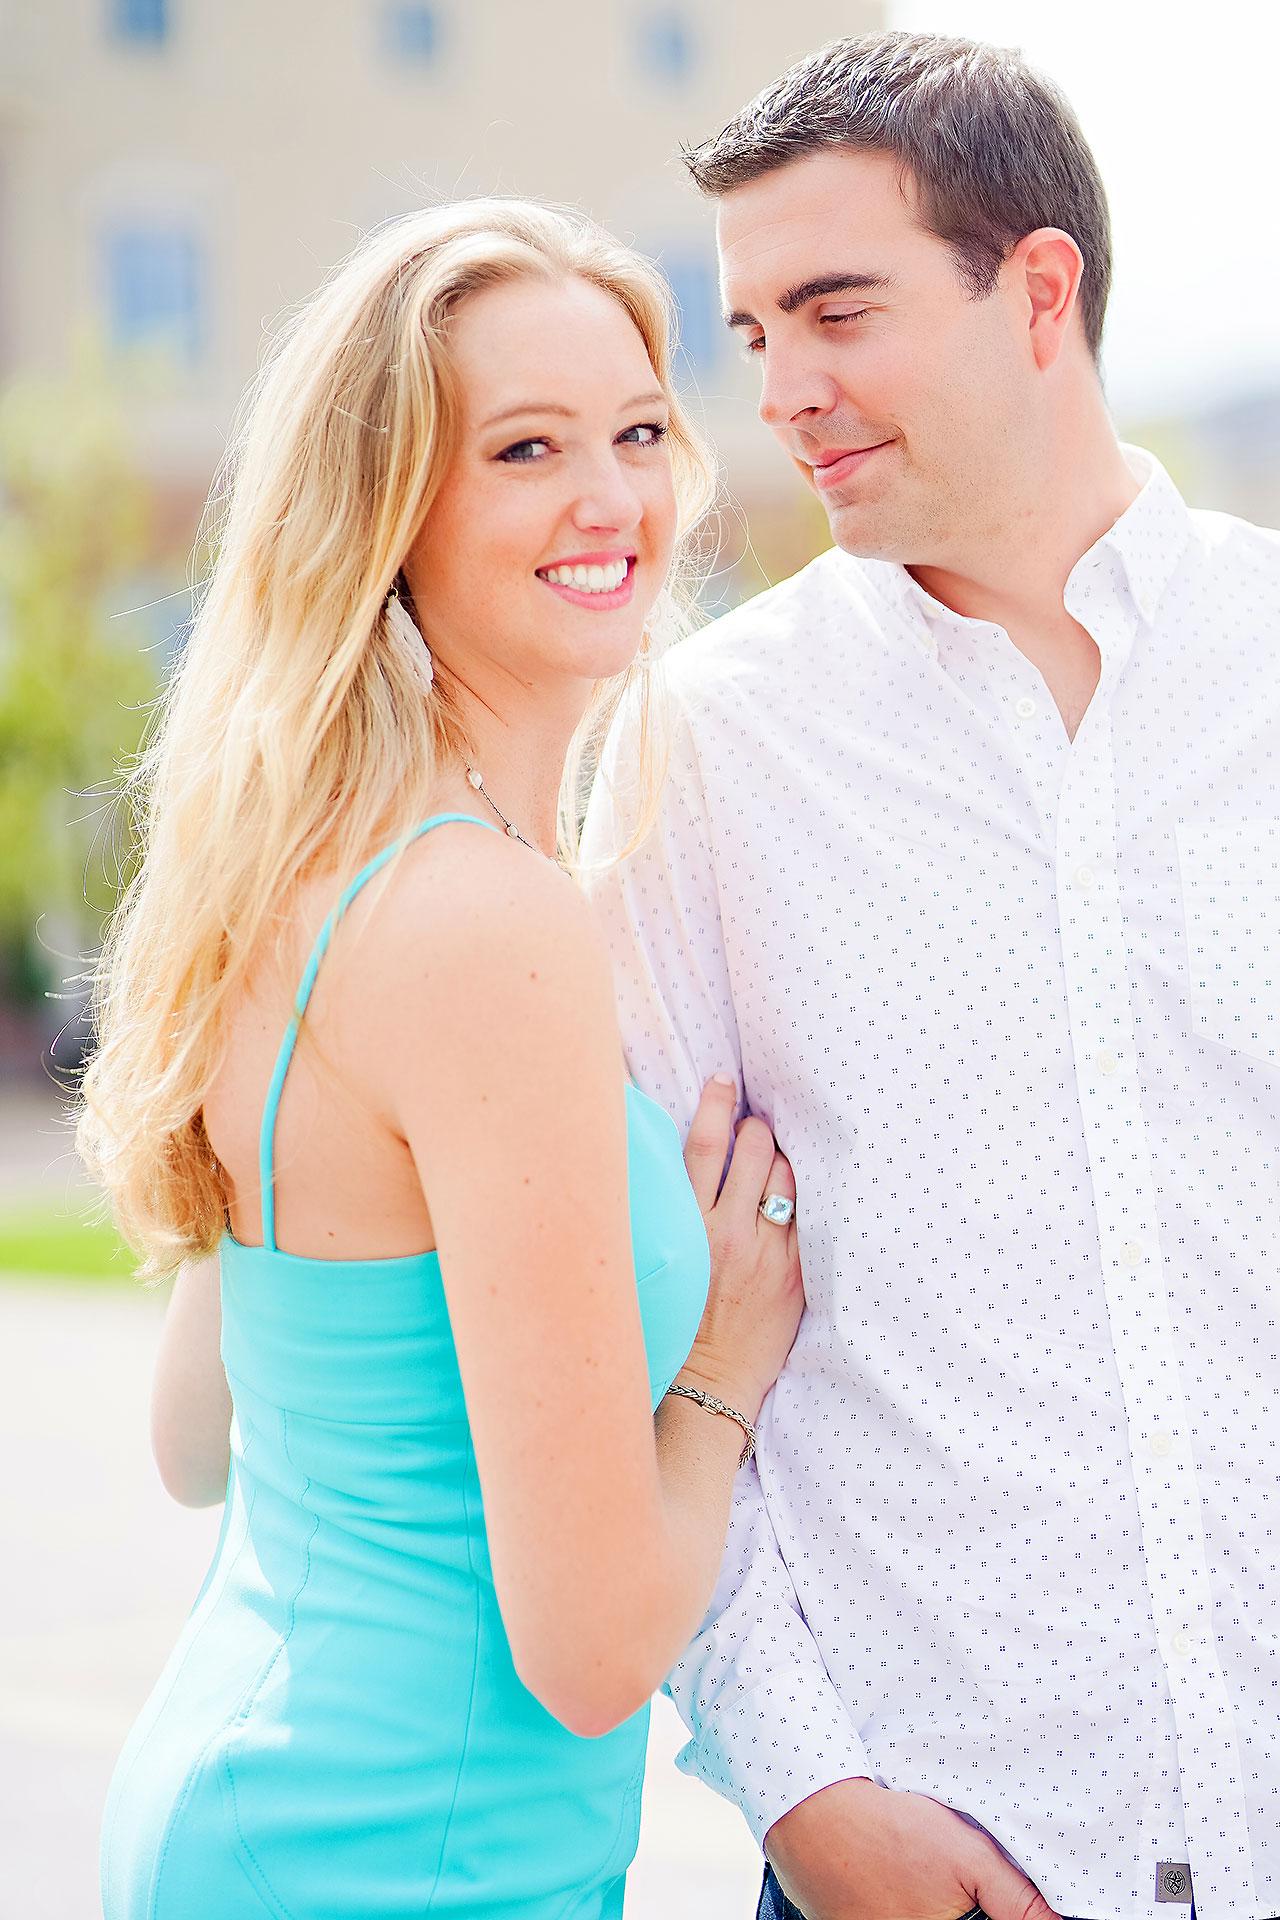 Liz Zach Midtown Carmel Engagement Session 126